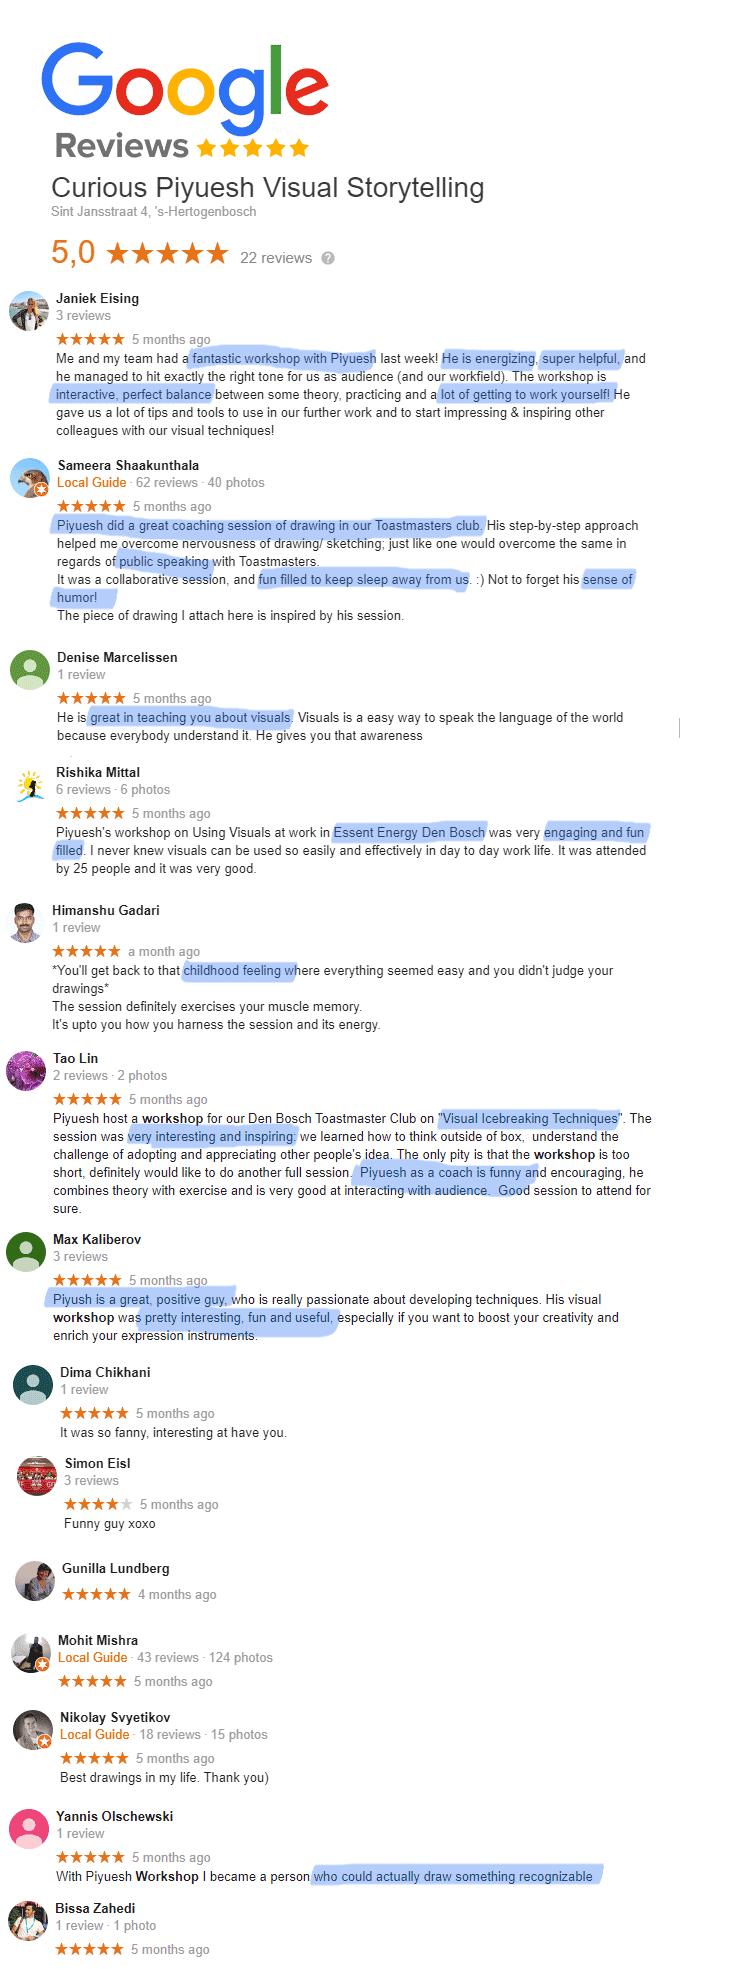 Google-reviews-for-Curious-Piyuesh-2020